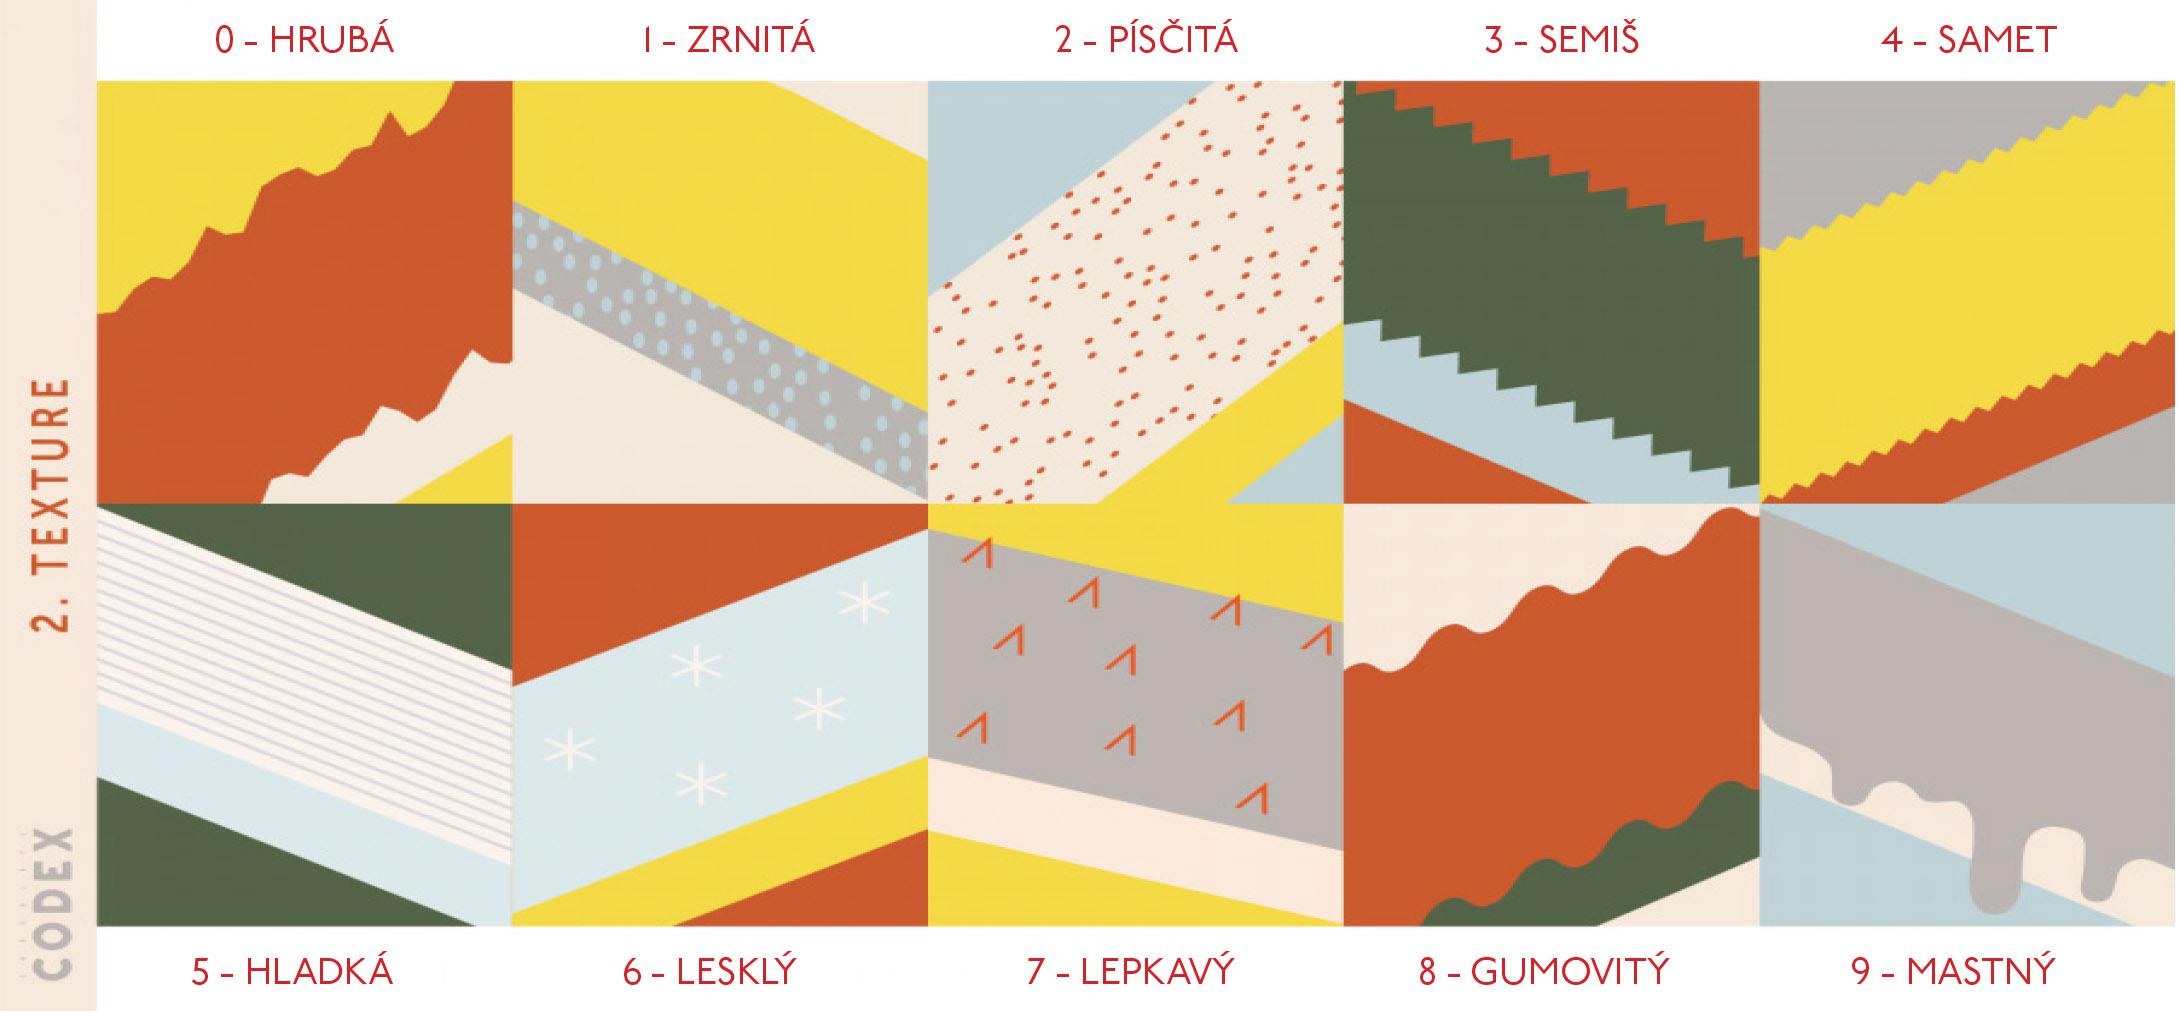 0 - HRUBÁ jako beton, 1 - ZRNITÁ jako hrubý brusný papír, 2 - PÍSČITÁ jako jemný písek, 3 - SEMIŠ jako semišová bunda, lehce uchopitelná se strukturou, 4 - SAMET podobné jako semiš, ale jemnější, 5 - HLADKÁ struktura je minimální, 6 - LESKLÁ povrch je lesklý a hladký, 7 - LEPKAVÁ povrch je lesklý, ale lepkavý, 8 - GUMOVITÝ povrch je hladký, ale také lepkavý, 9 - MASTNÝ čokoláda je mastná